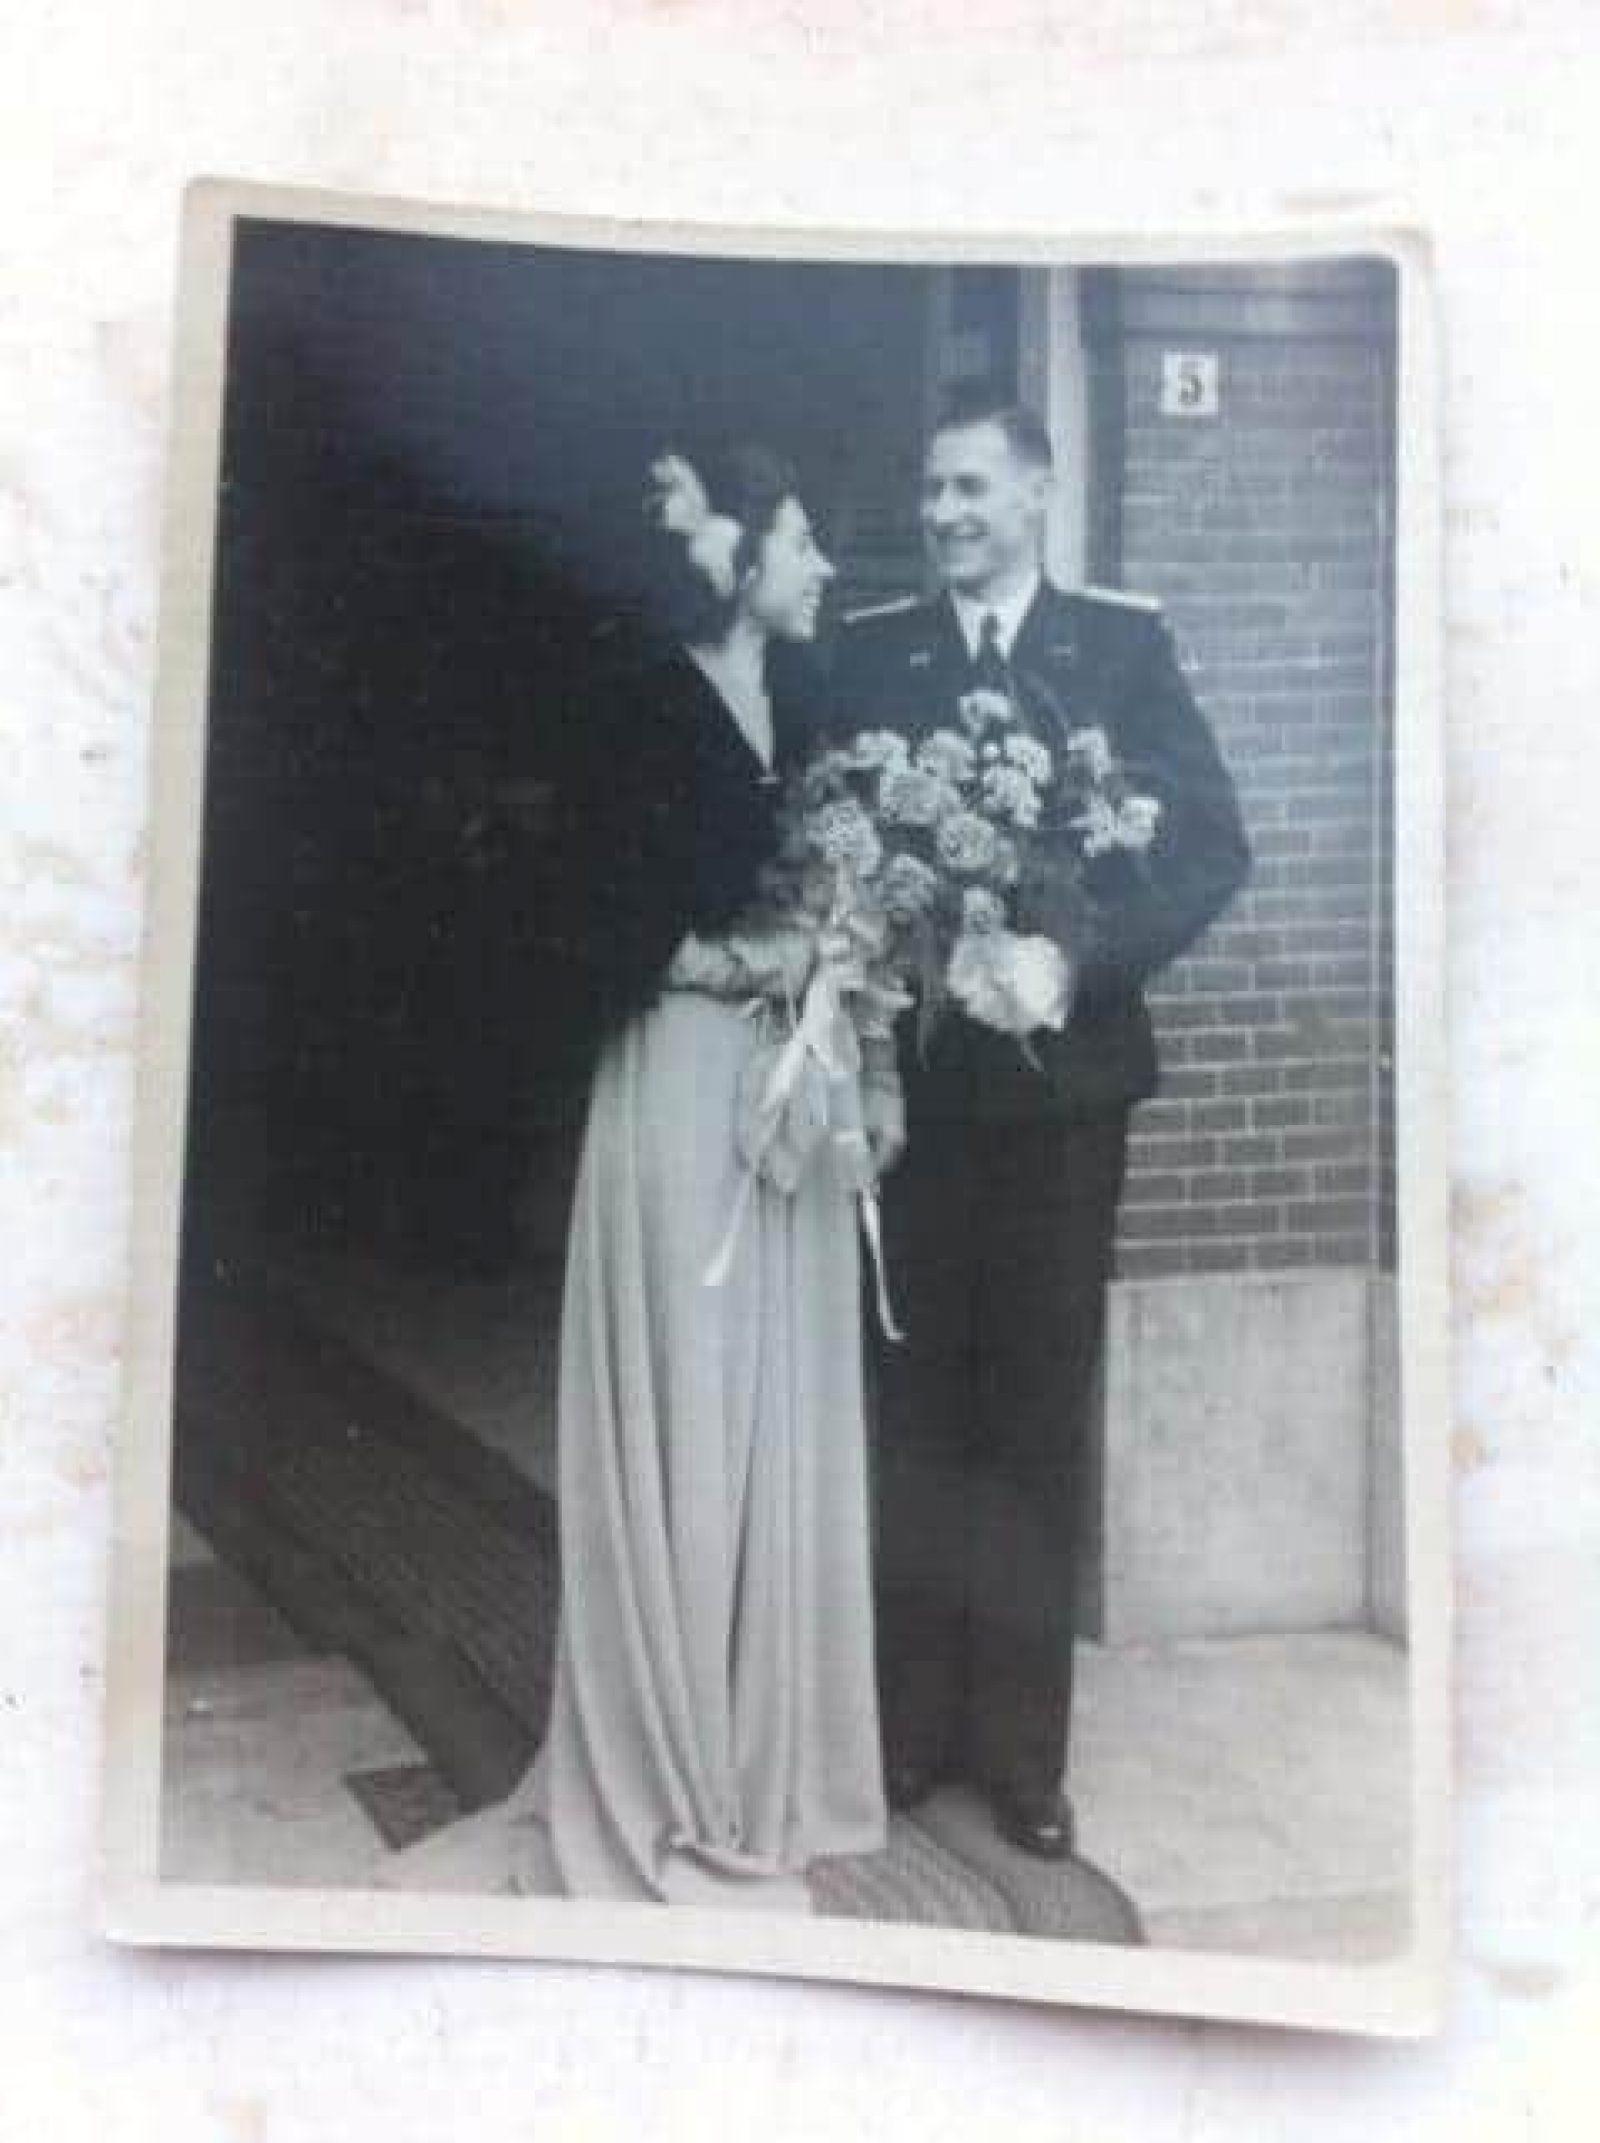 Gert-Jan trouwt in uniform (1949)